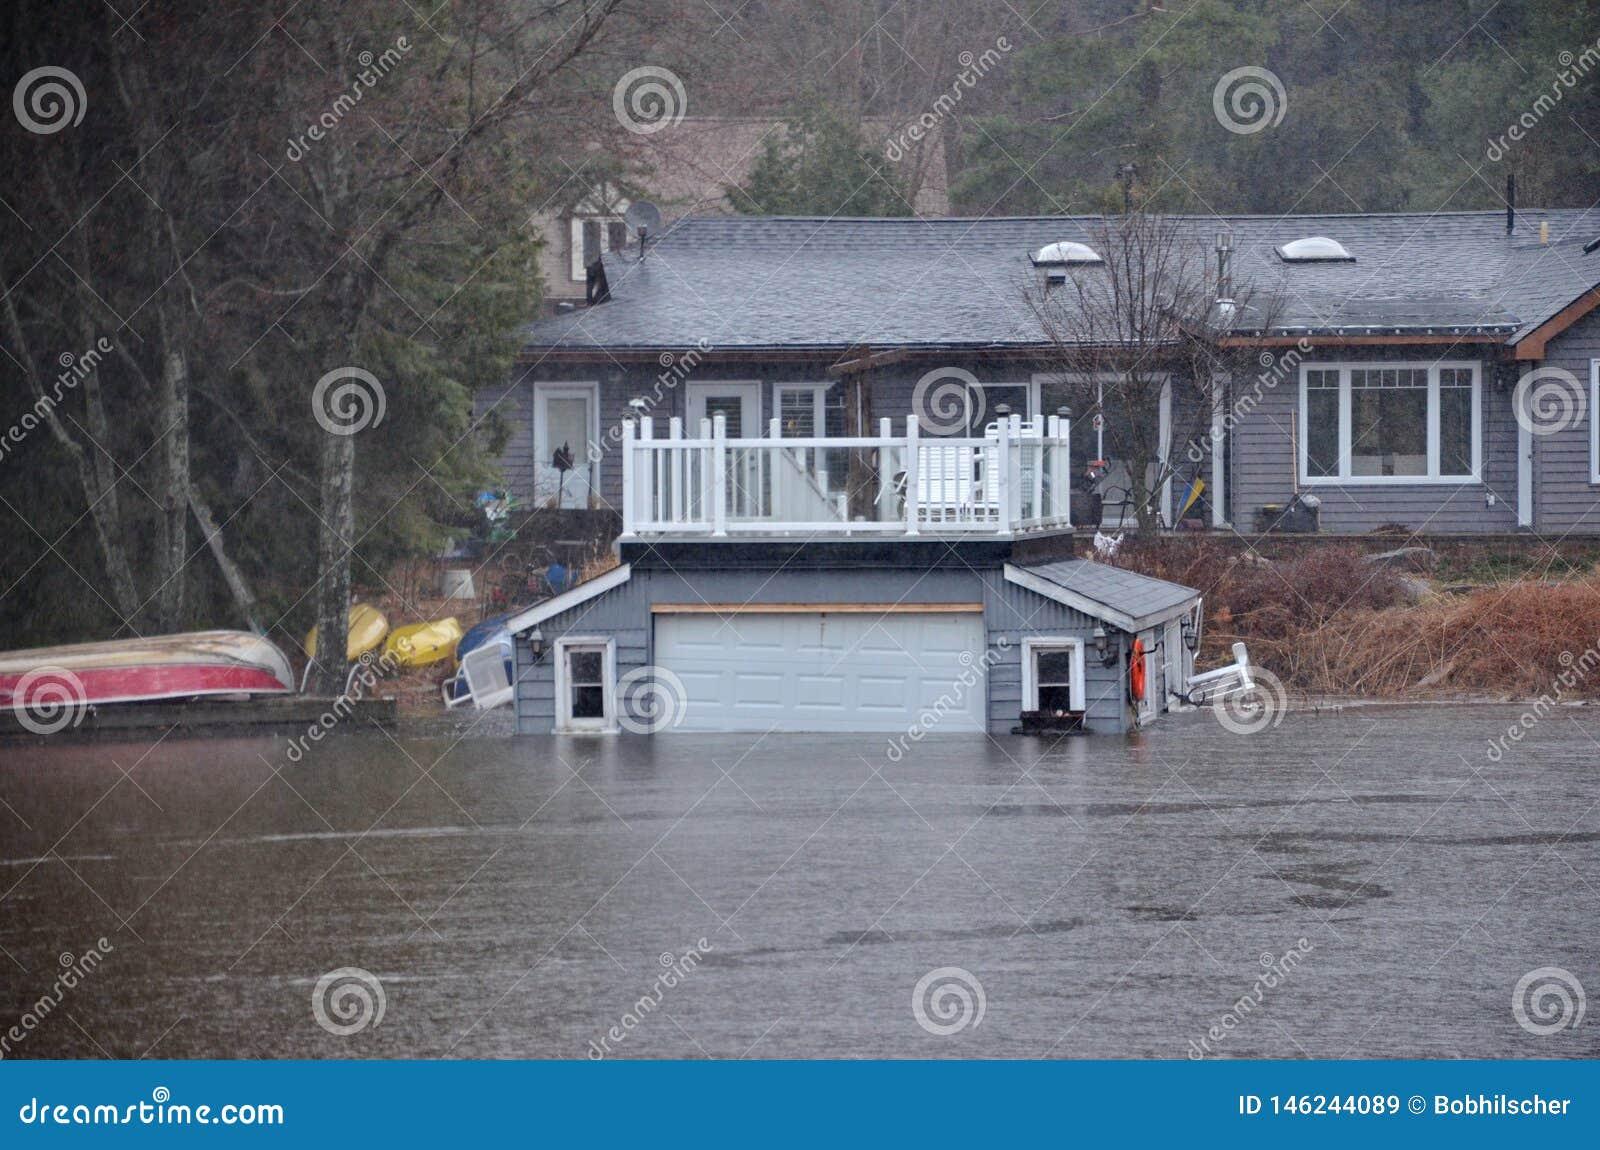 Spring Flood in Bracebridge, 2019